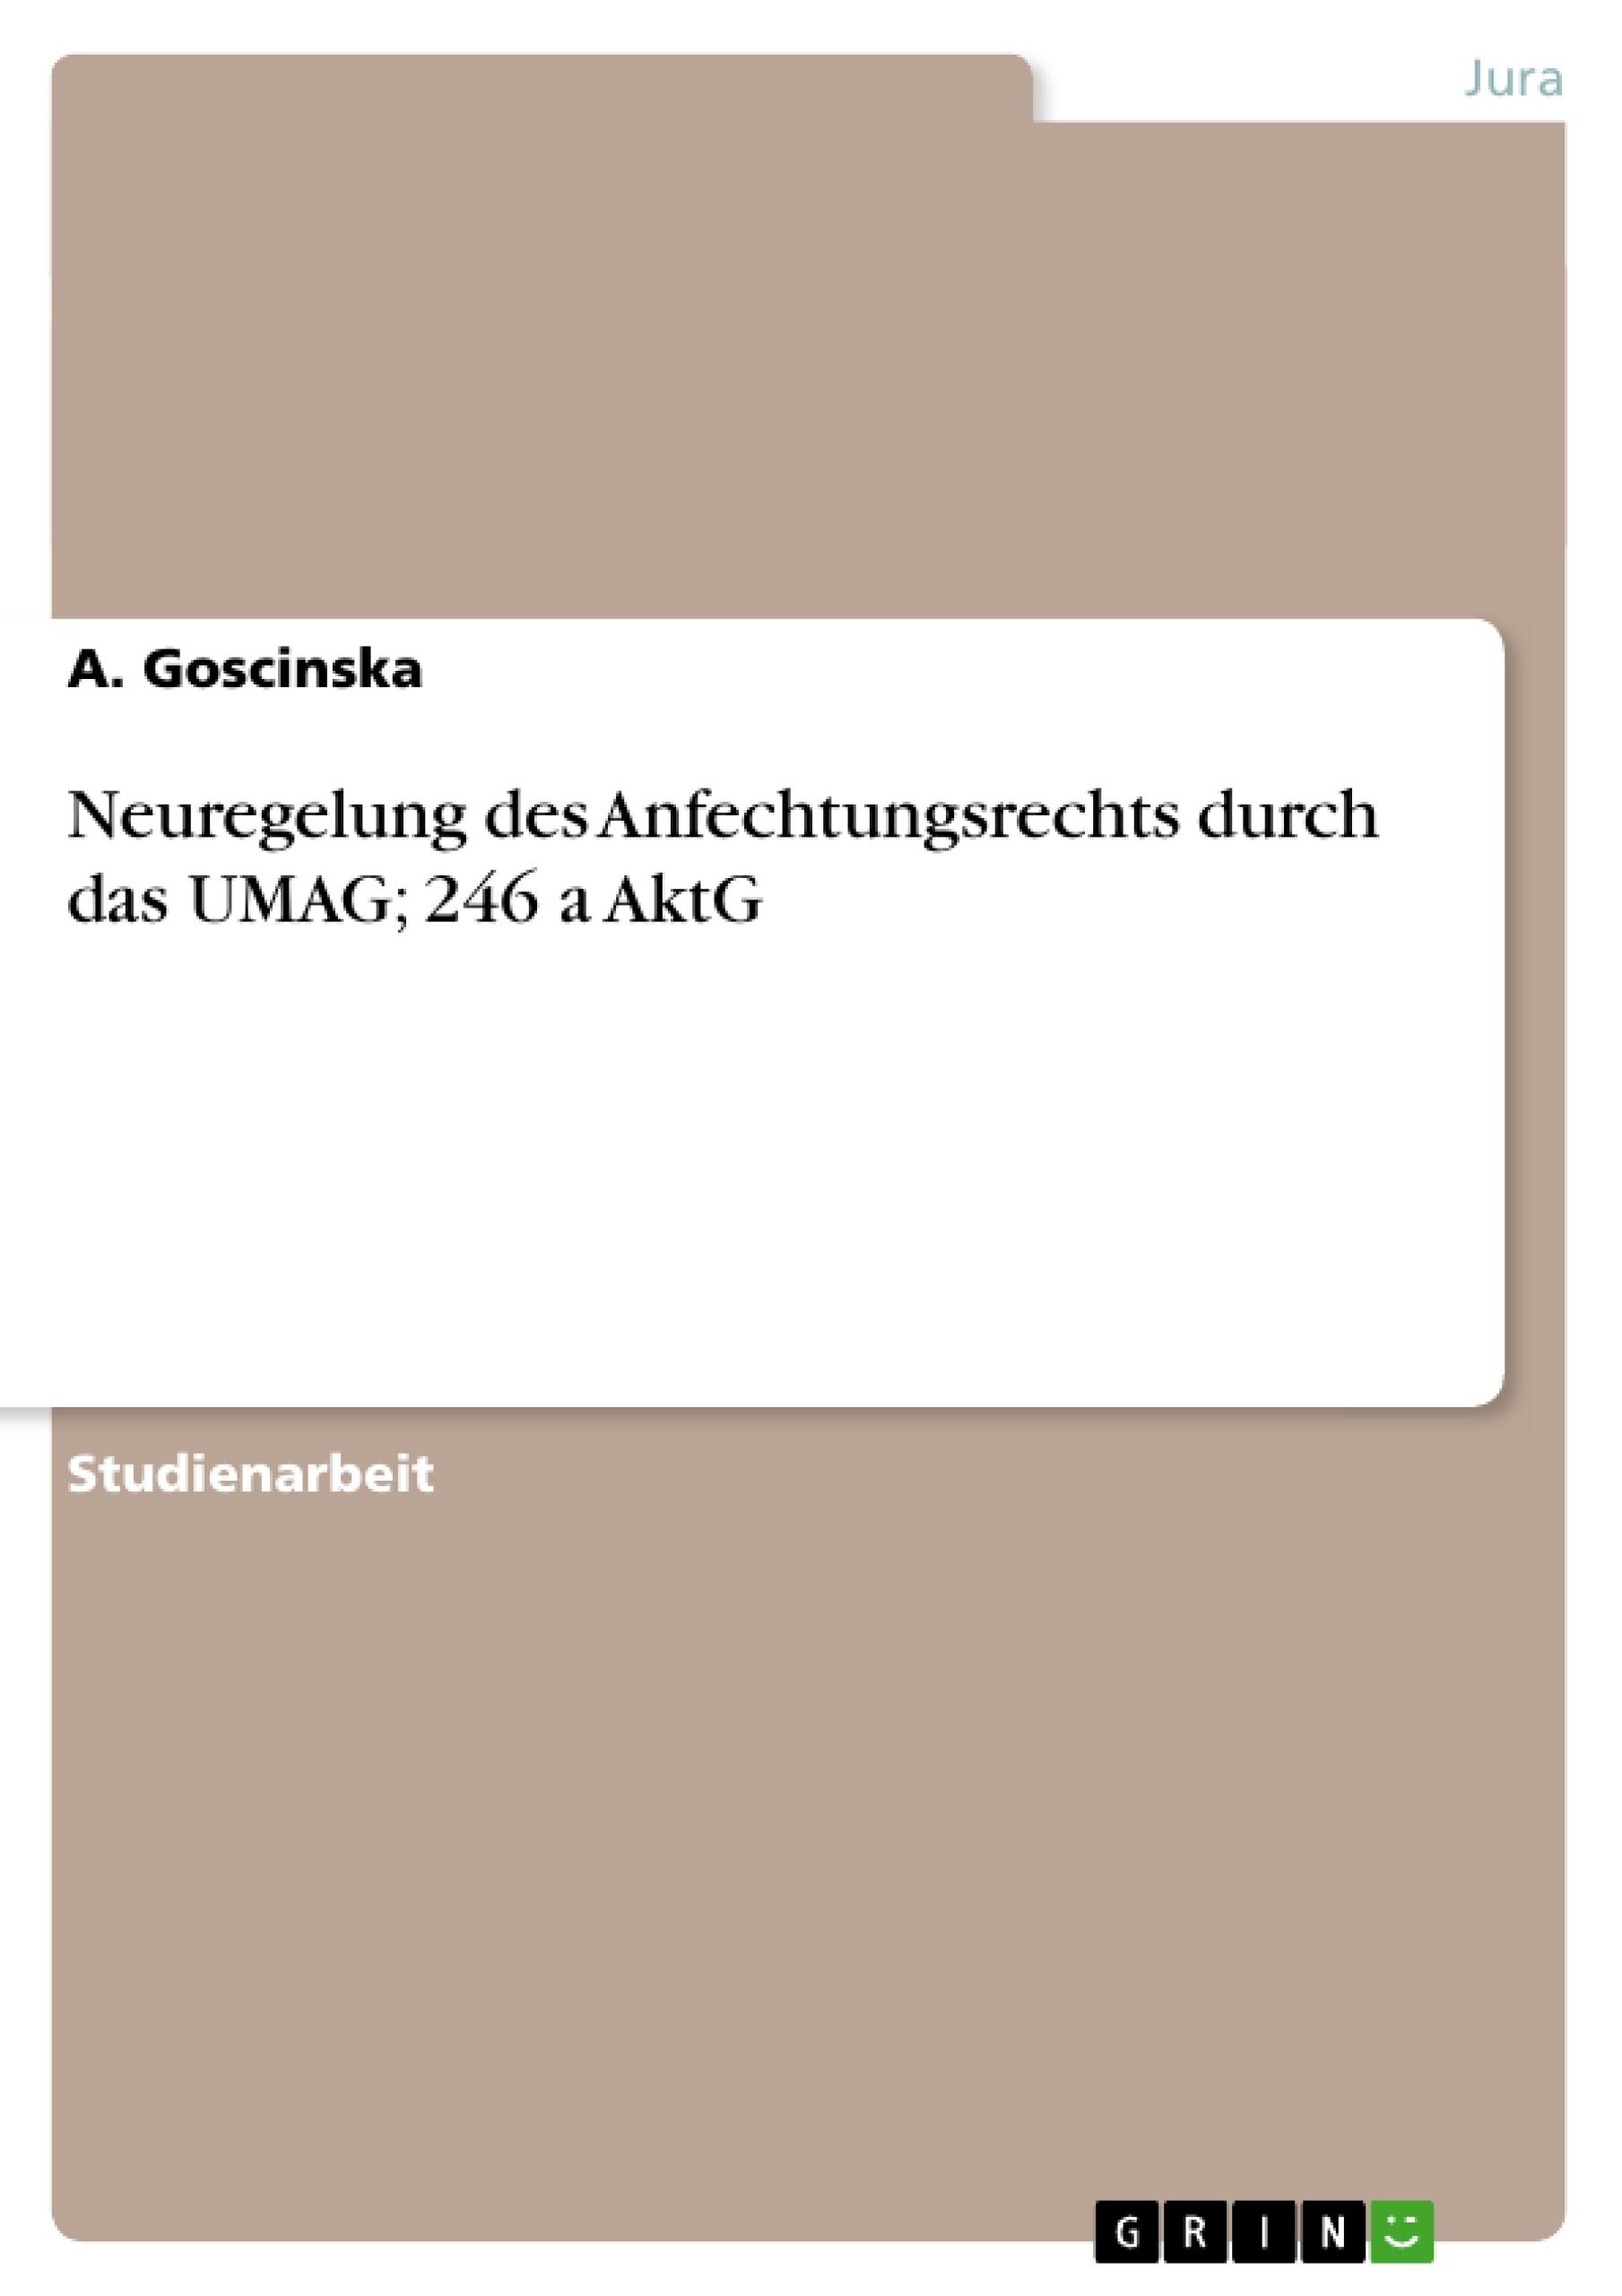 Titel: Neuregelung des Anfechtungsrechts durch das UMAG; 246 a AktG